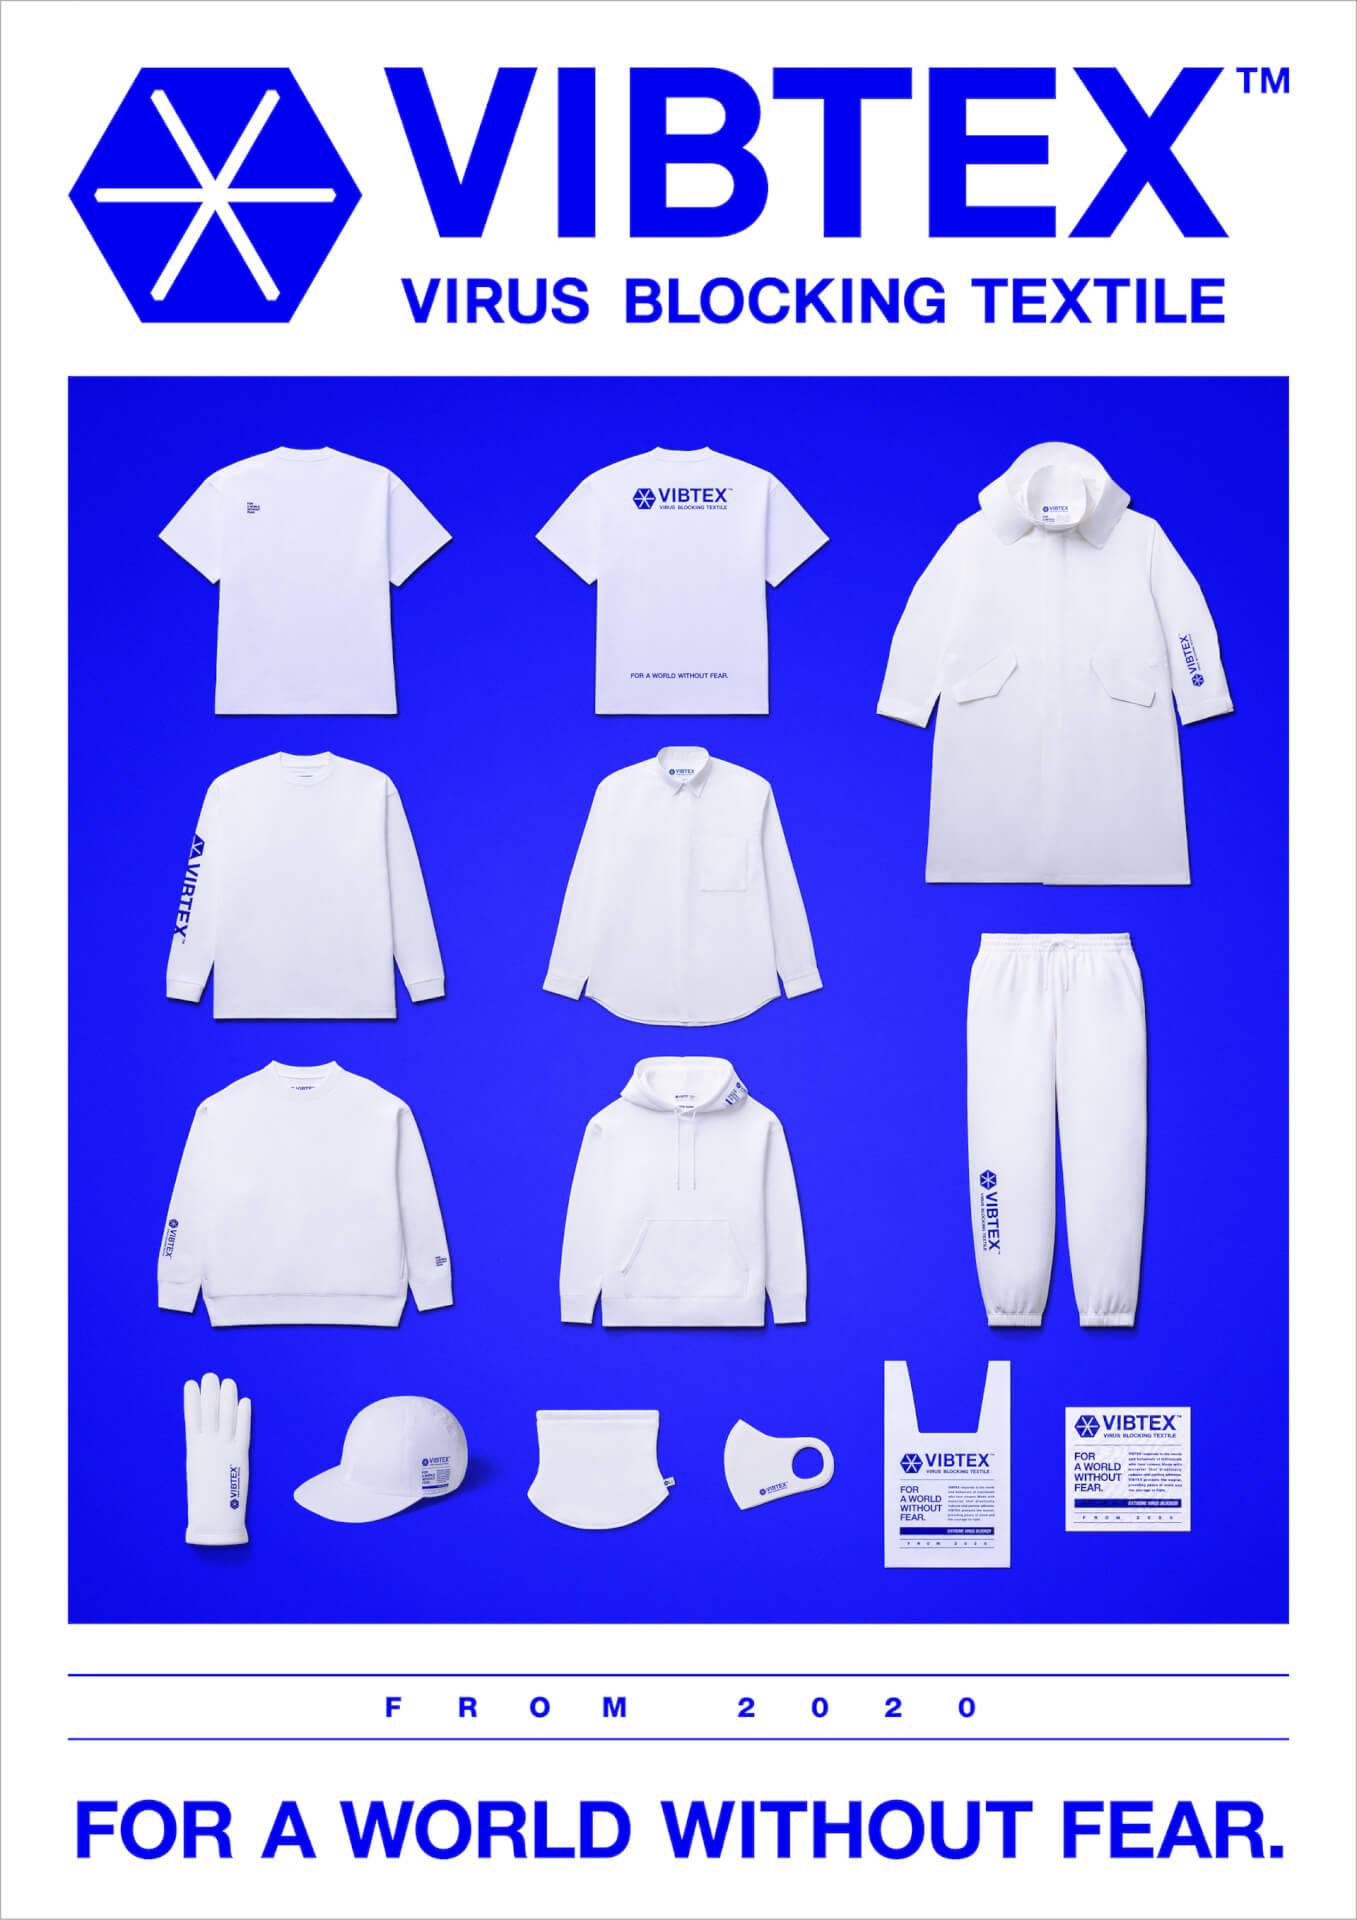 日本初の抗ウイルス機能を備えたアイテムが満載!「VIBTEX™」が誕生&コンセプトビジュアルにchelmico就任 fashion2020910-vibtex10